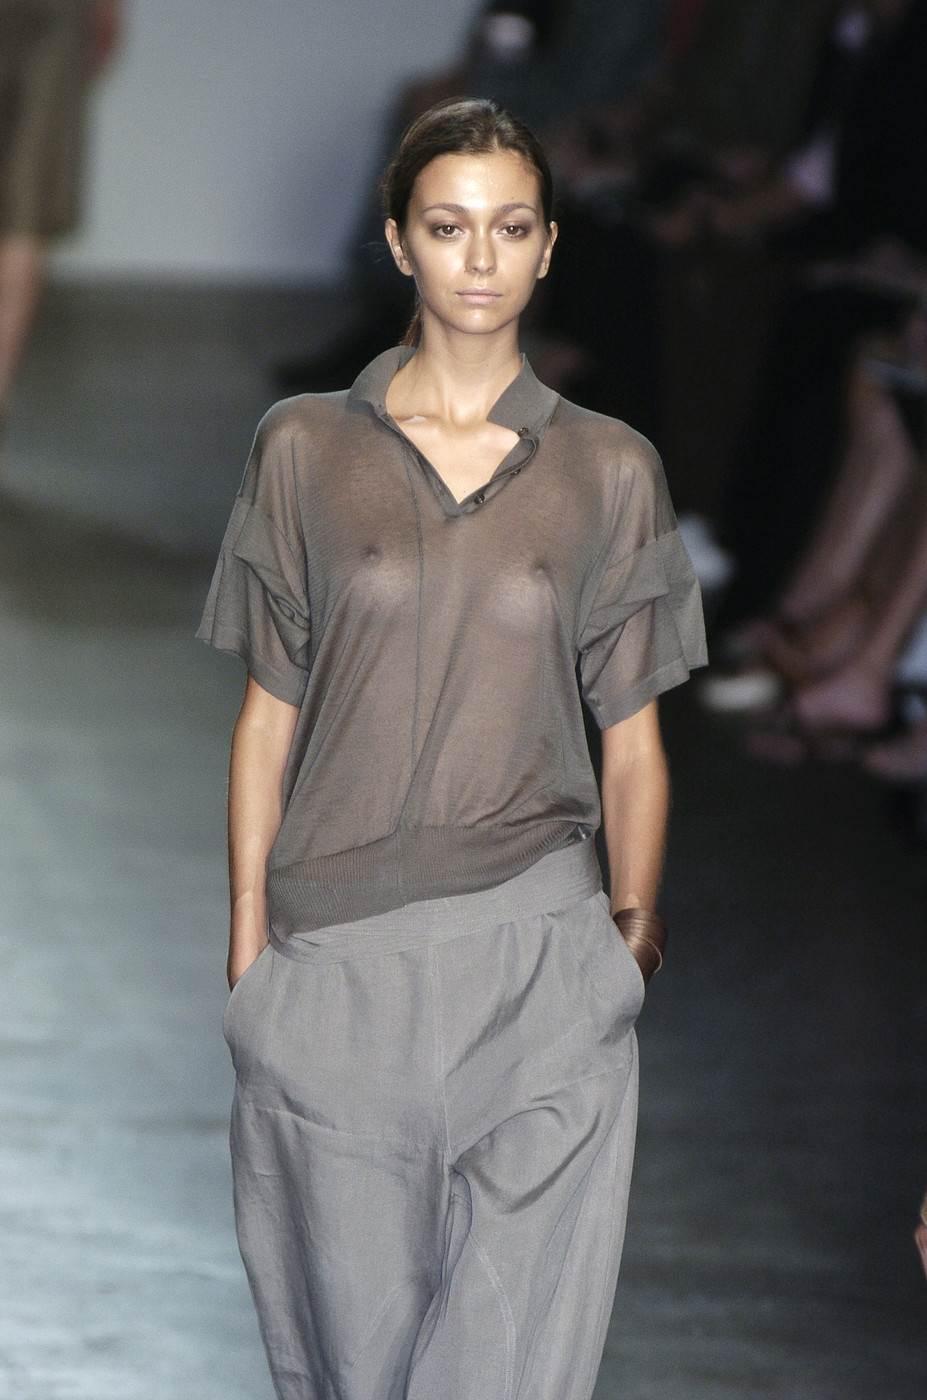 【外人】30歳過ぎてるロリ顔のフランス人モデルのモルガン・デュブレ(Morgane Dubled)のポルノ画像 5169